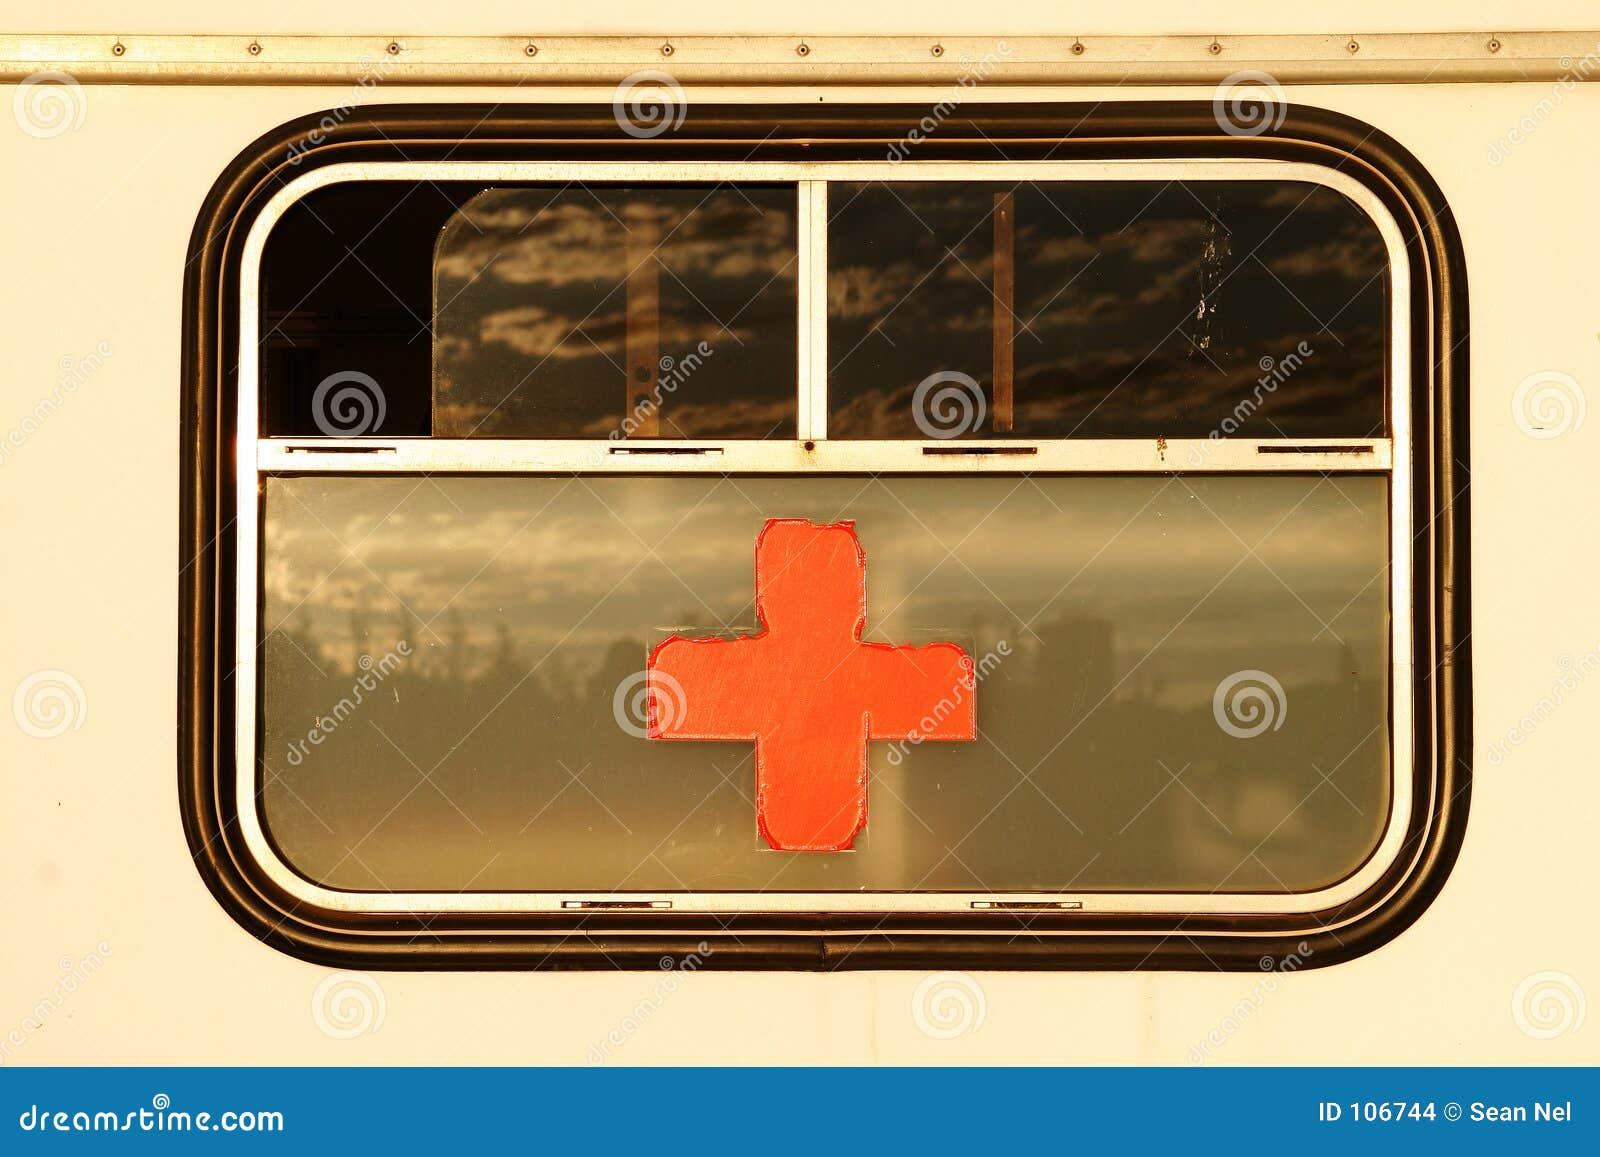 Cruz vermelha no indicador